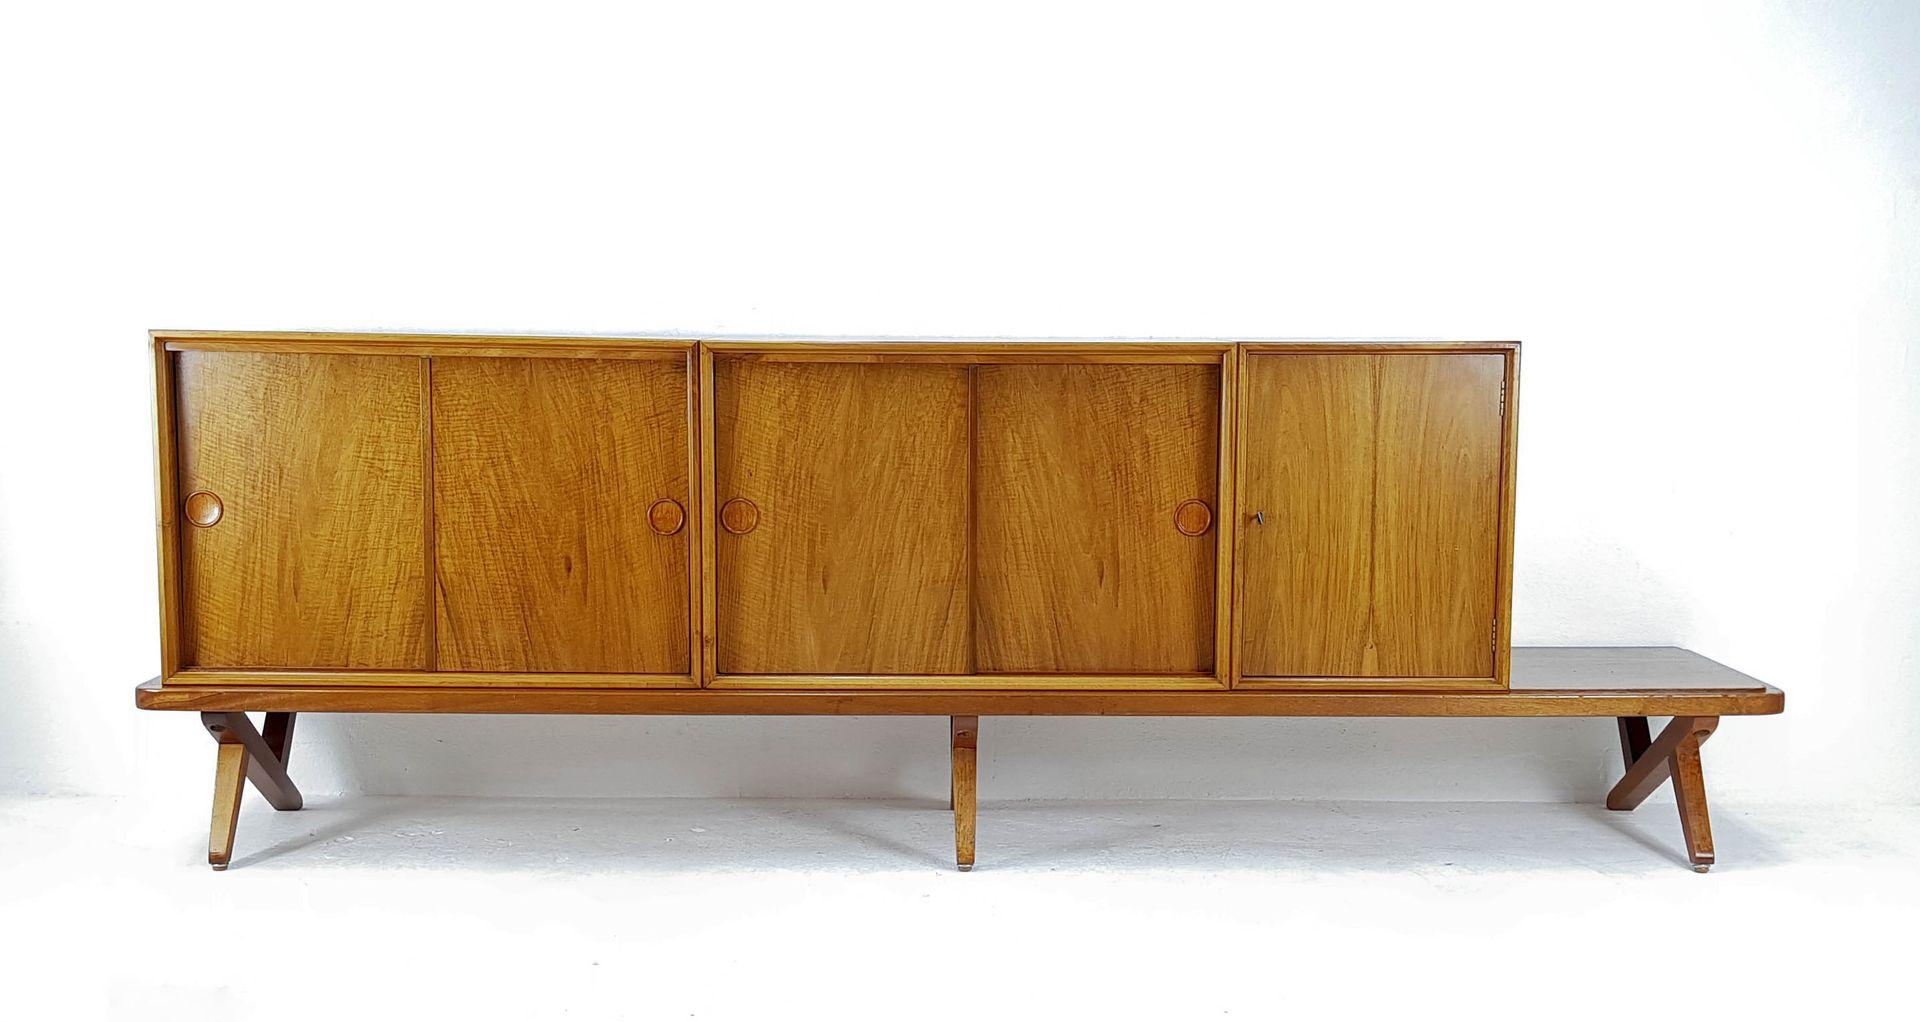 vintage sideboard by rudolf glatzel for fristho 1957 for sale at pamono. Black Bedroom Furniture Sets. Home Design Ideas